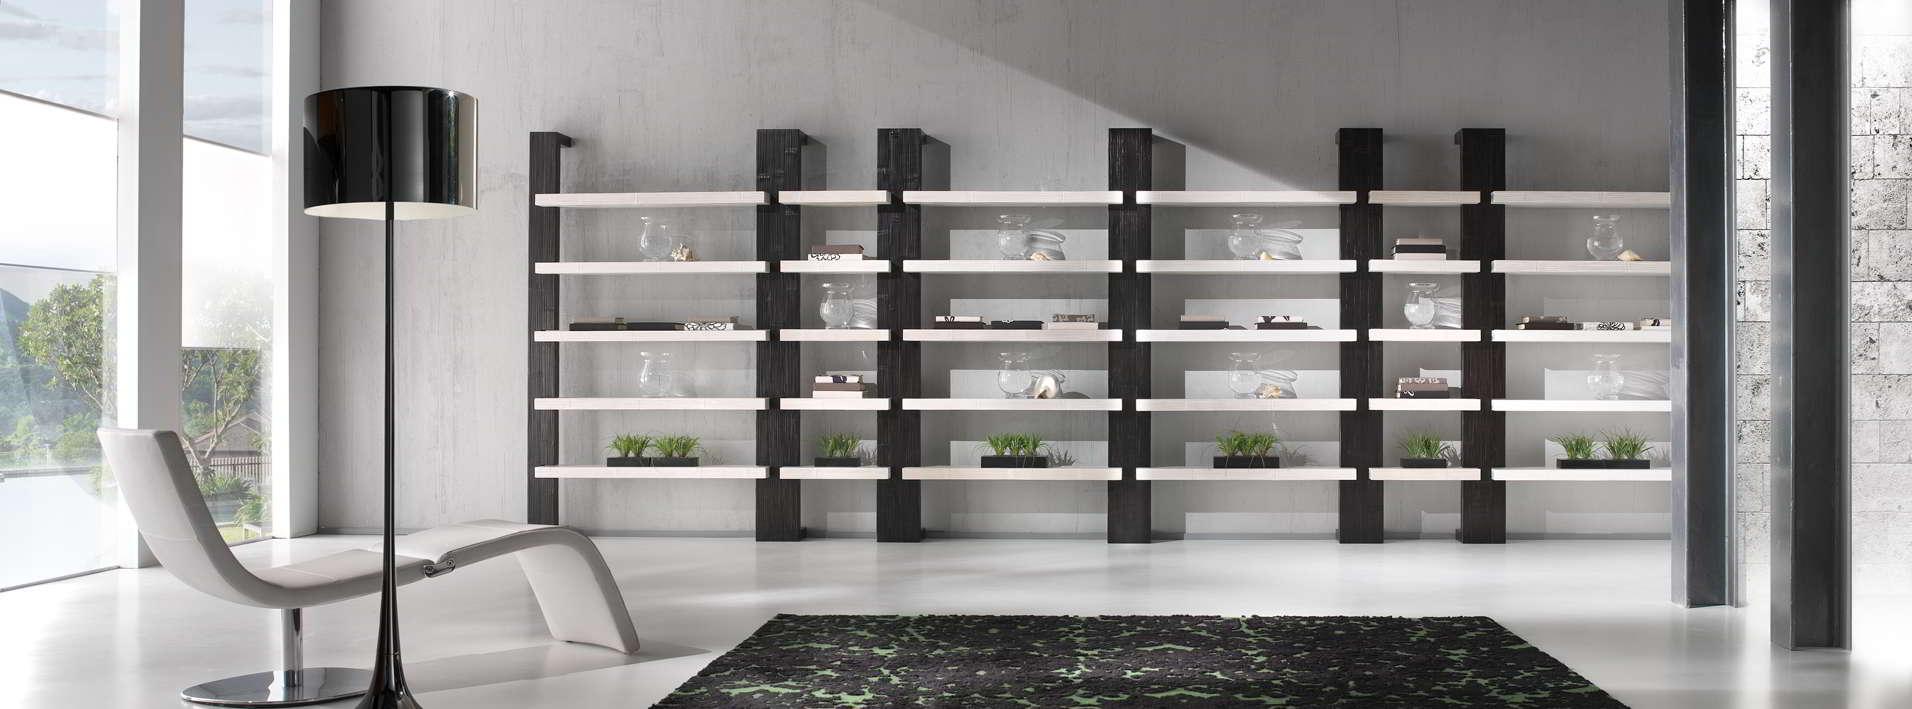 Decorazione scala corten for Offerte librerie moderne